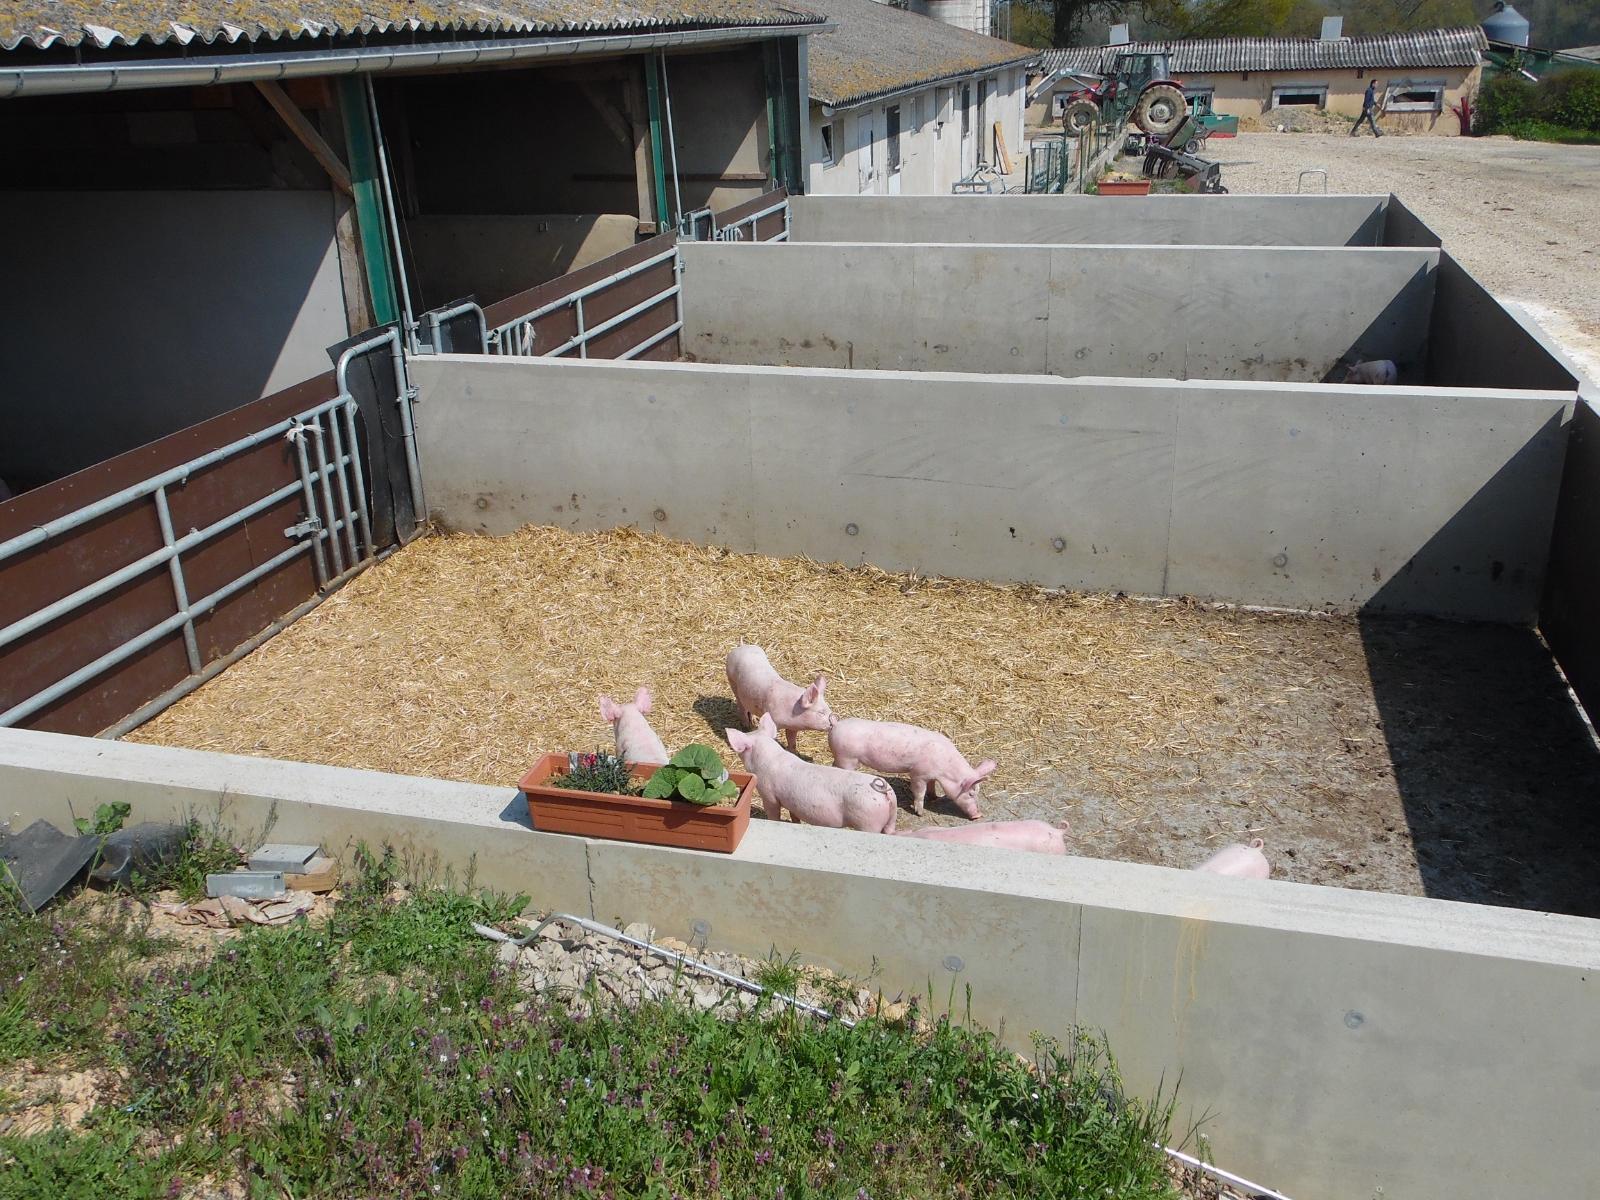 La Corbiniere Vente De Porc Mayenne Img 7